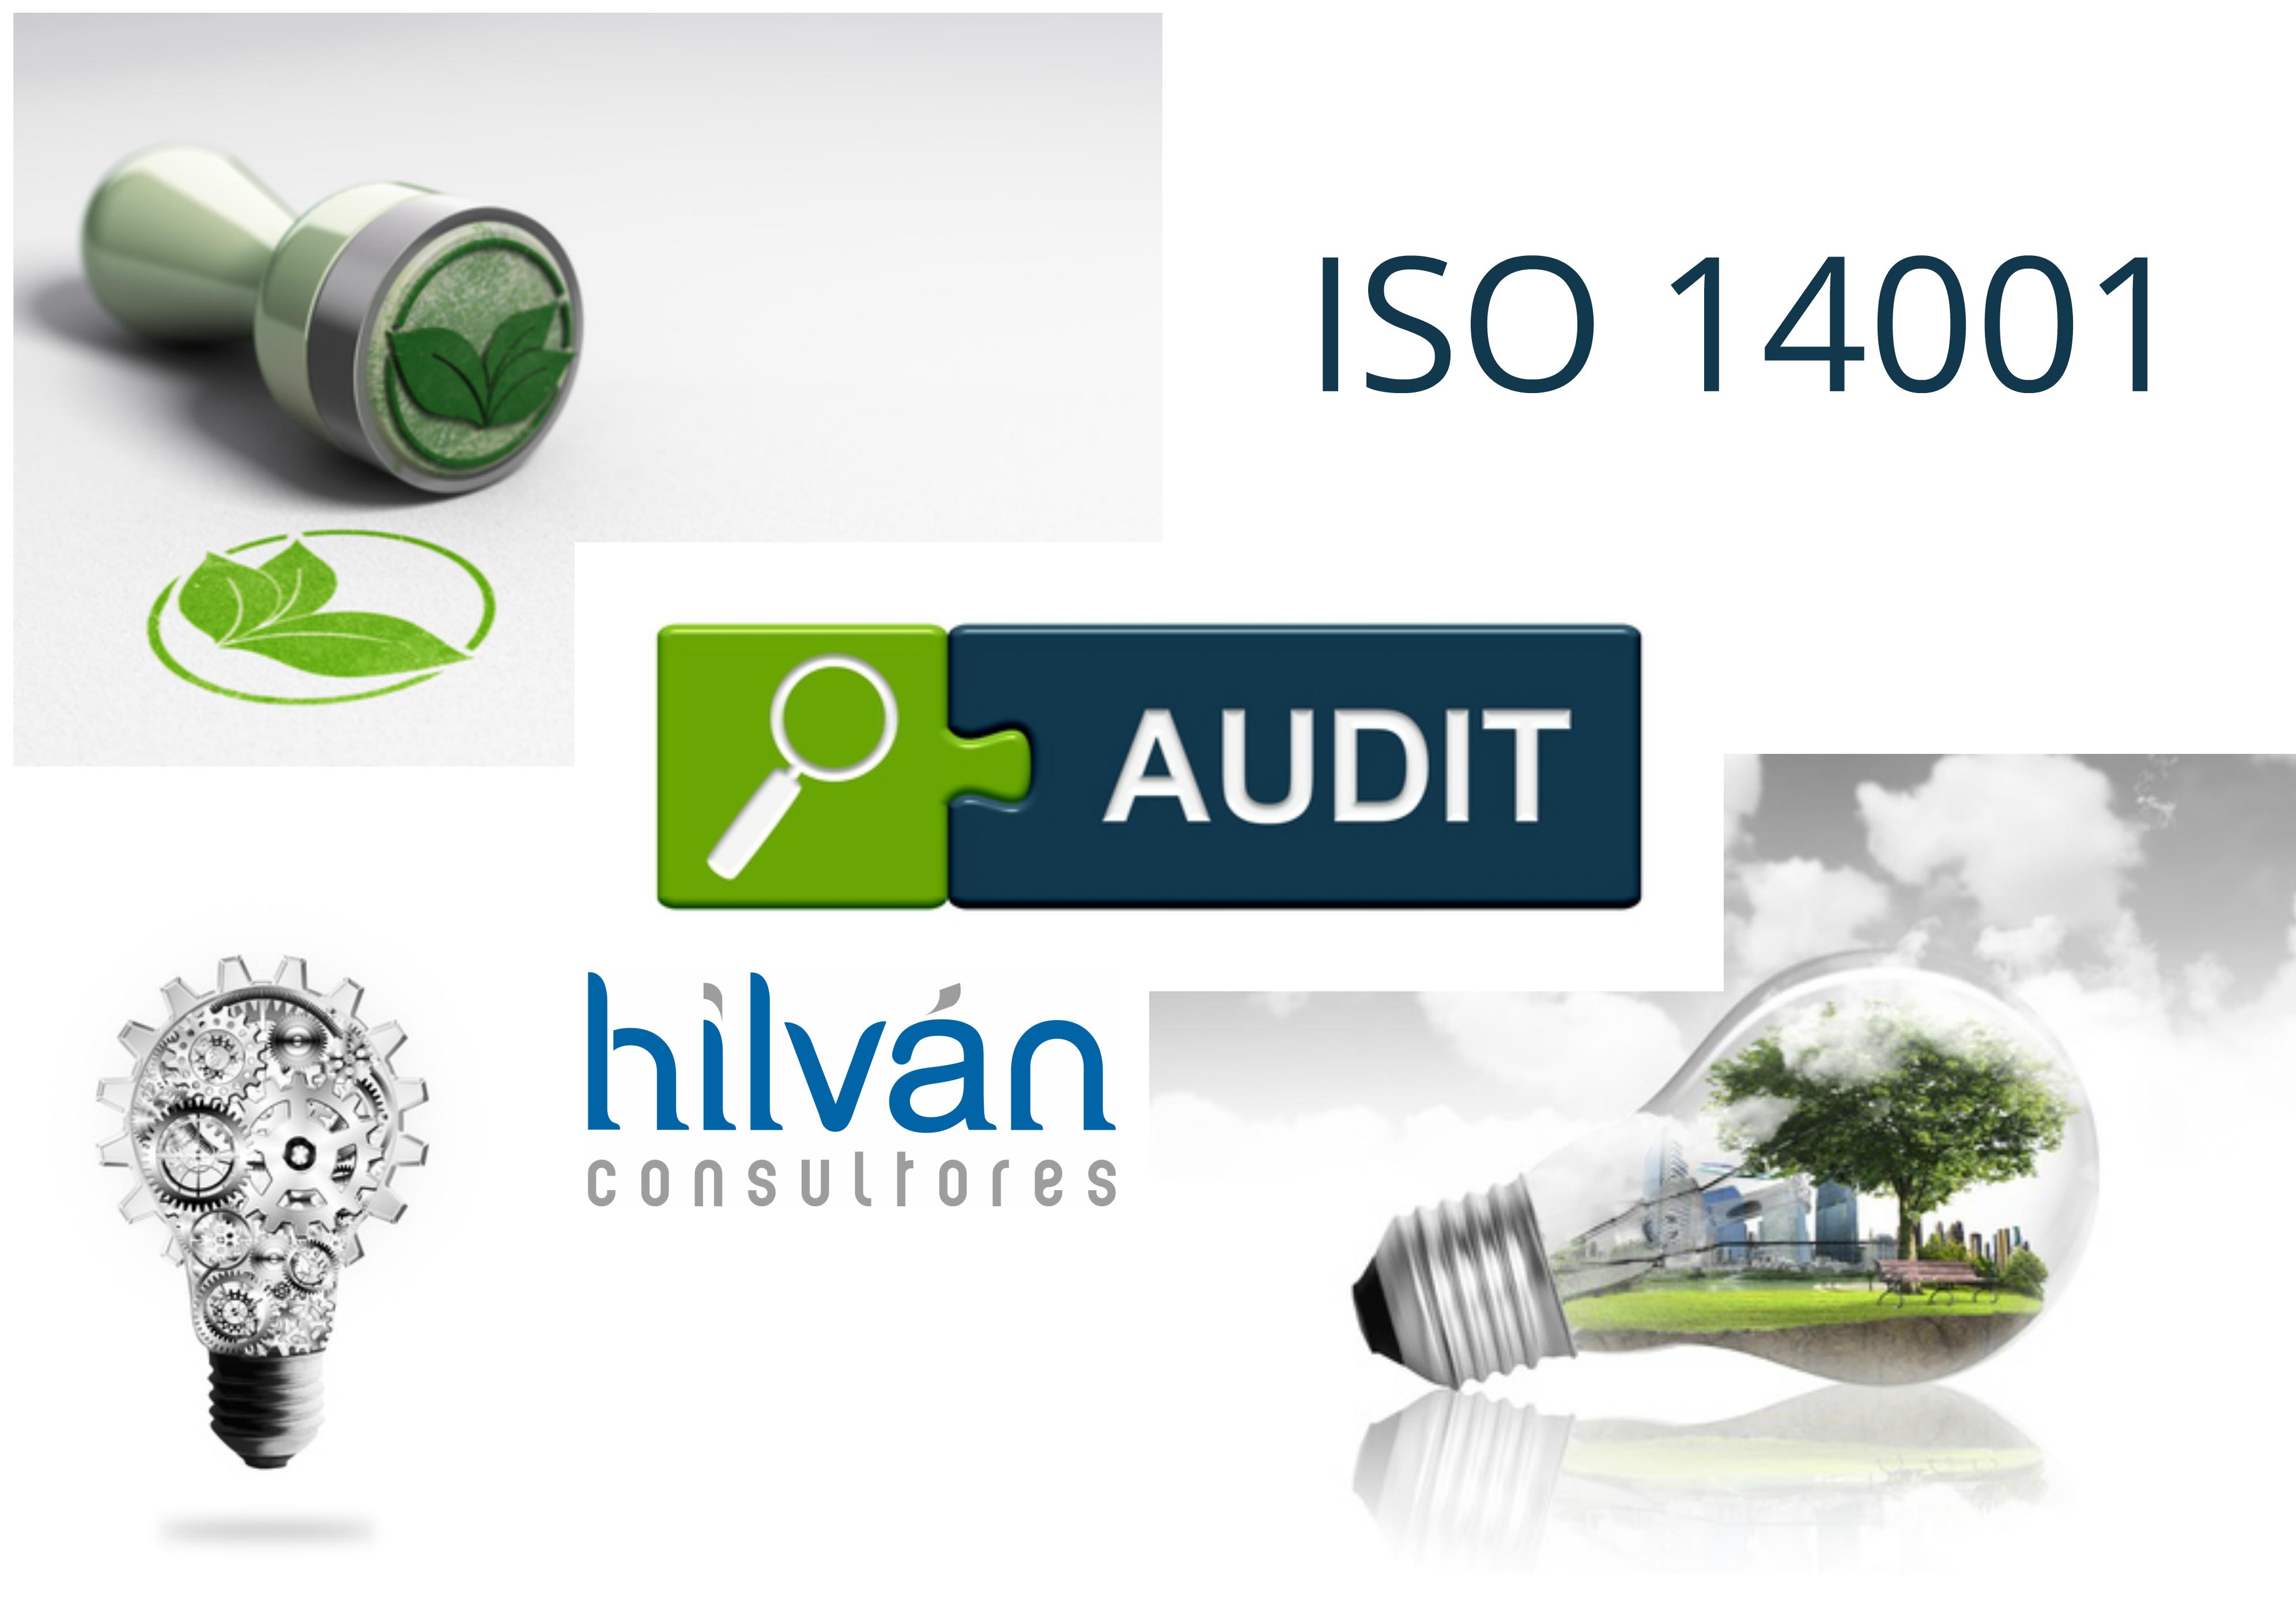 Consultores ISO 14001 Valencia, Castellón, Alicante. Consultorias ISO 14001 auditorías internas y externa versión 2015 y 2018. Certificadores Valencianos, Albacete, Teruel.